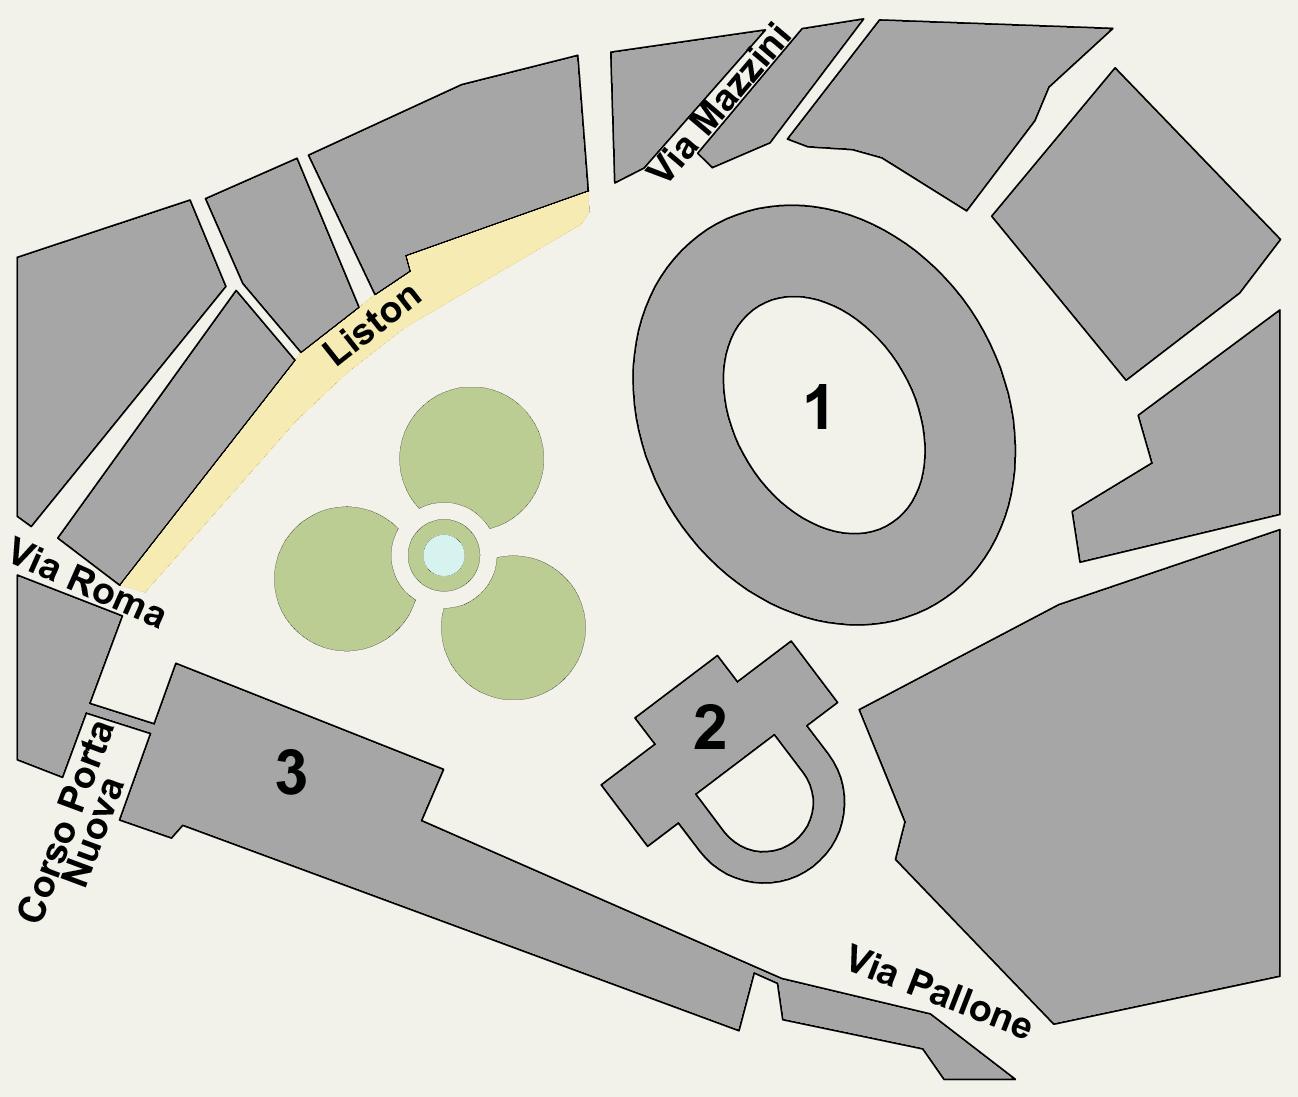 L Angolo Per L Ufficio Bra.Piazza Bra Wikipedia